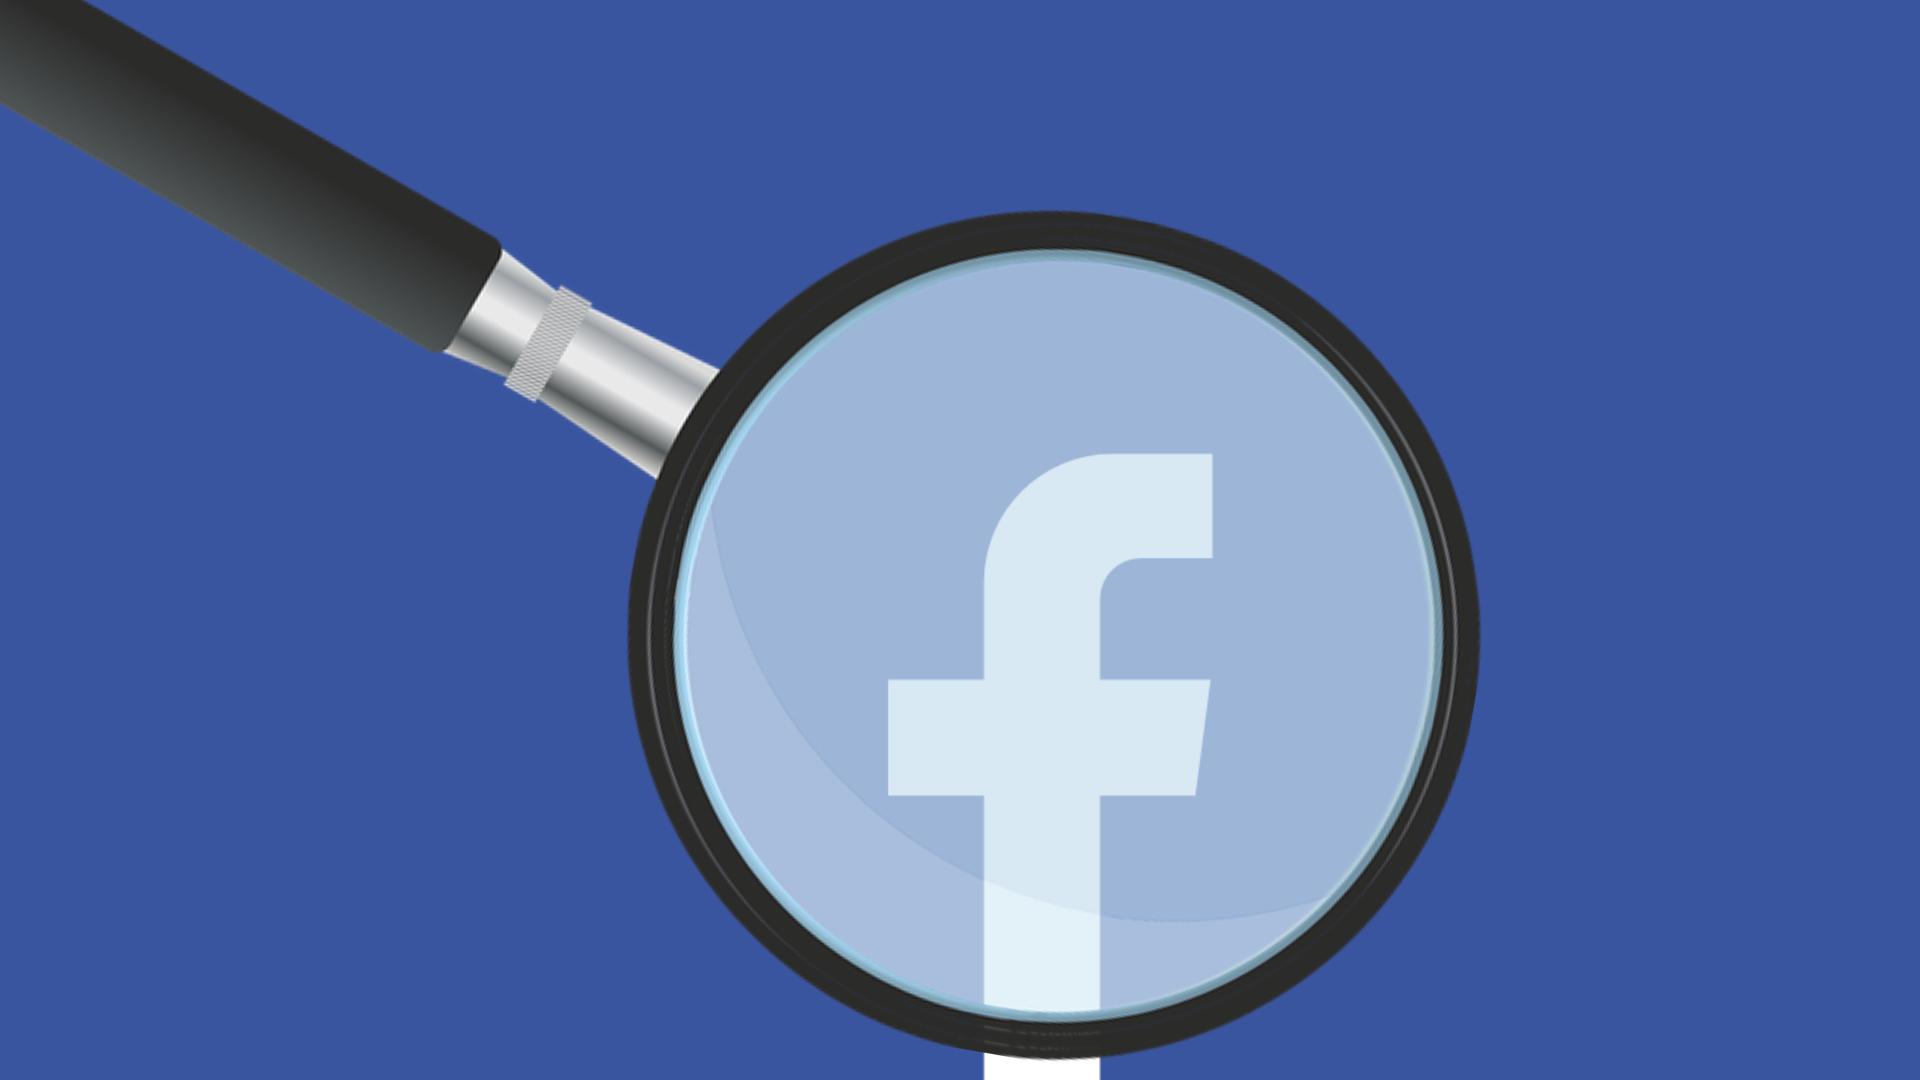 Cyberespionnage: Facebook accuse publiquement un groupe de hackers lié à l'État vietnamien